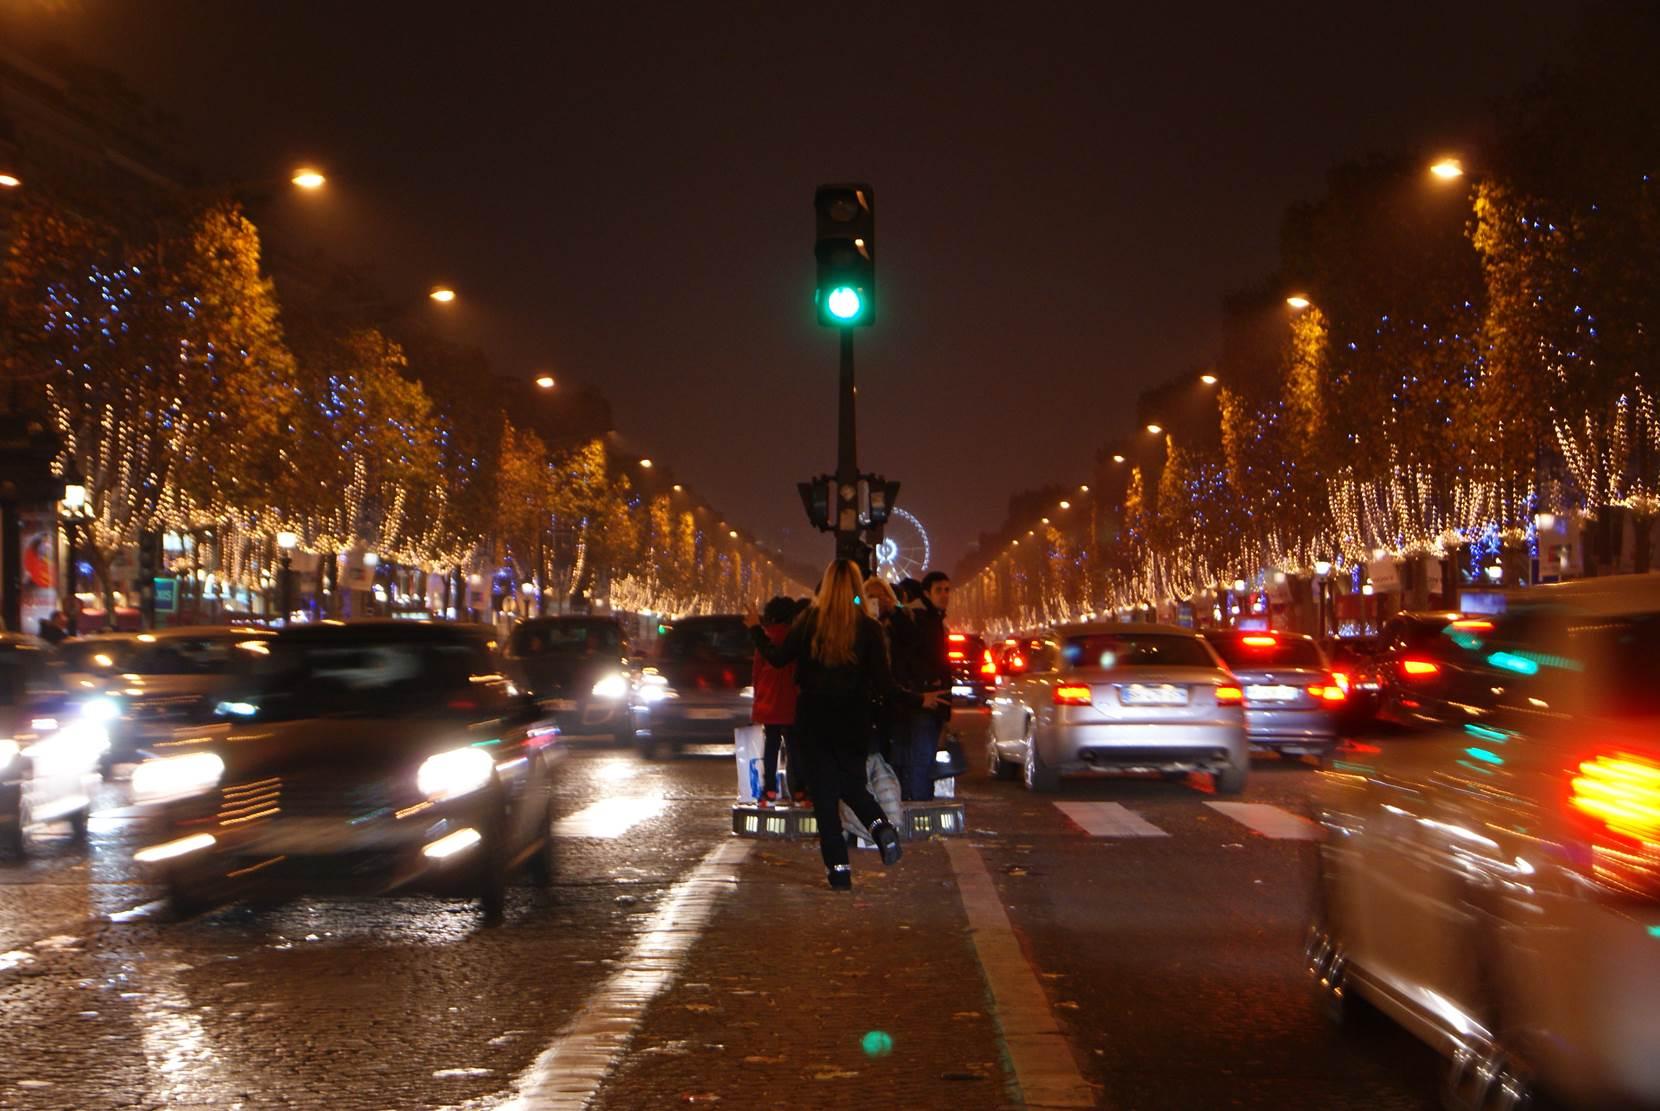 Turistas intentando sacar fotos en pleno tráfico de Campos Elíseos. París, que ver y que hacer en cuatro días